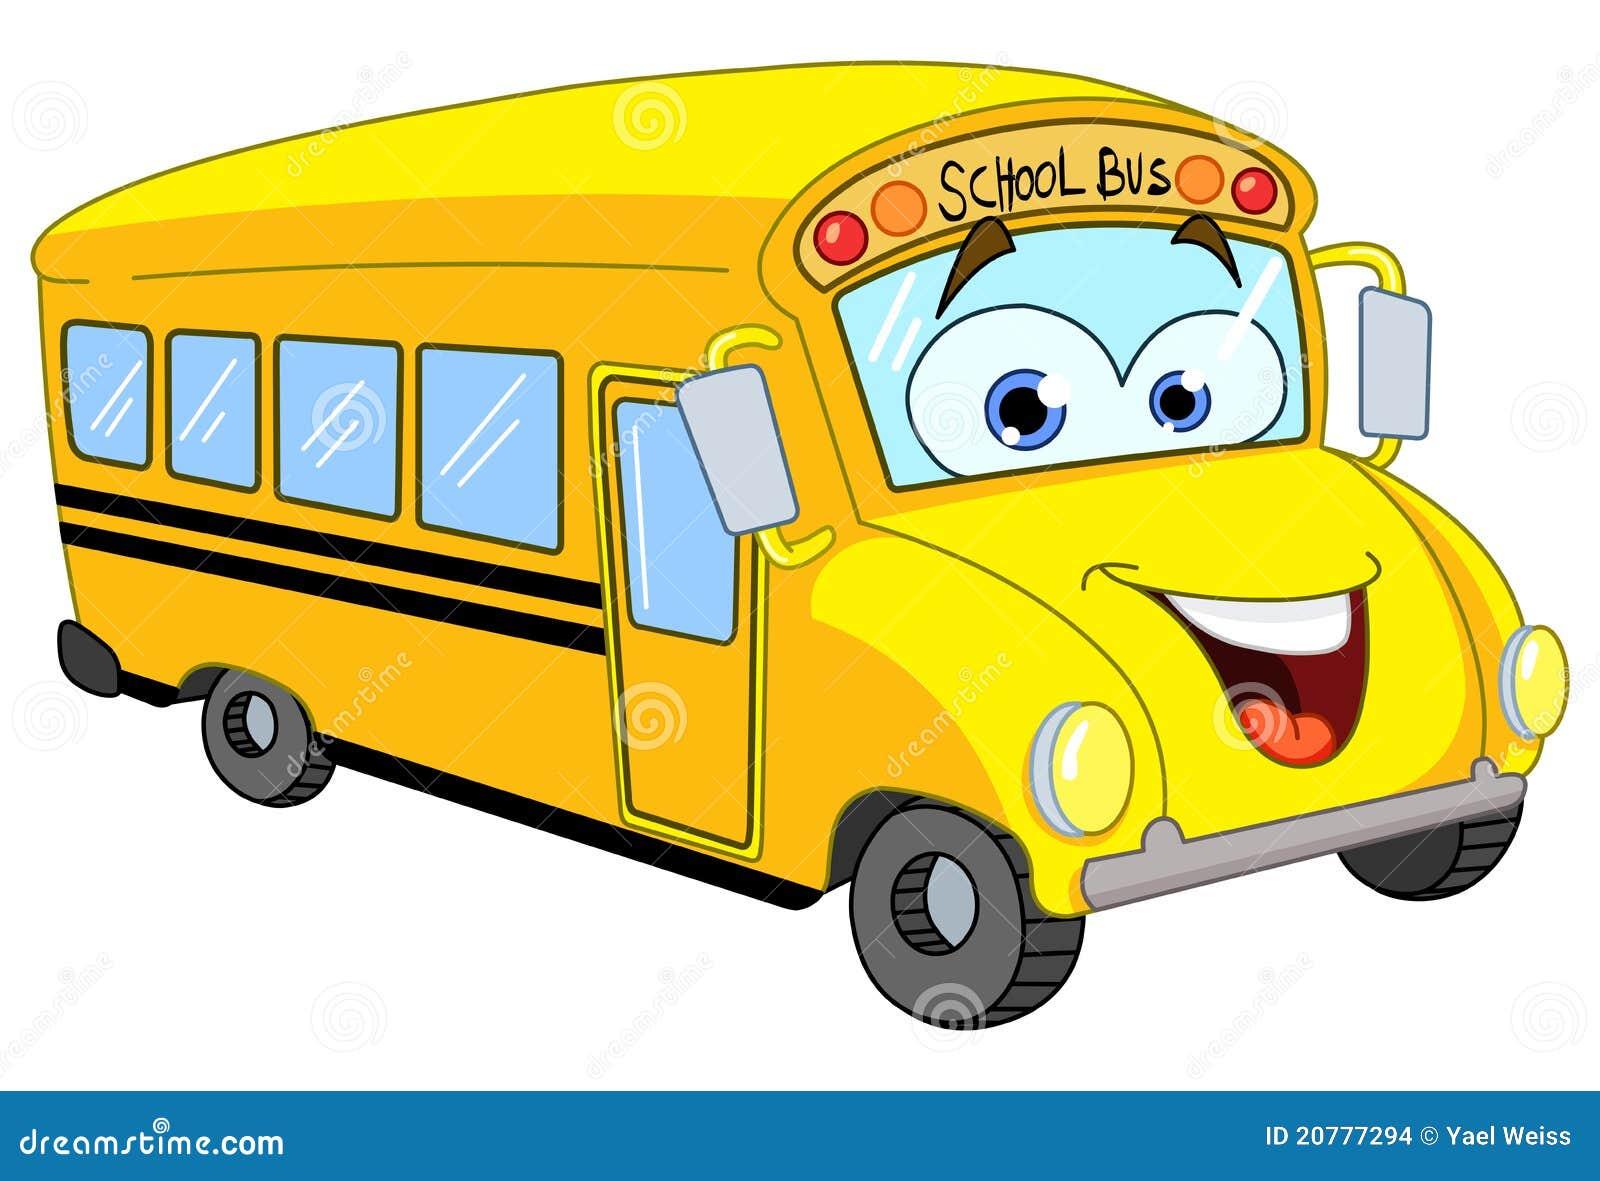 Cartoon School Bus Stock Vector Illustration Of Pupil 20777294